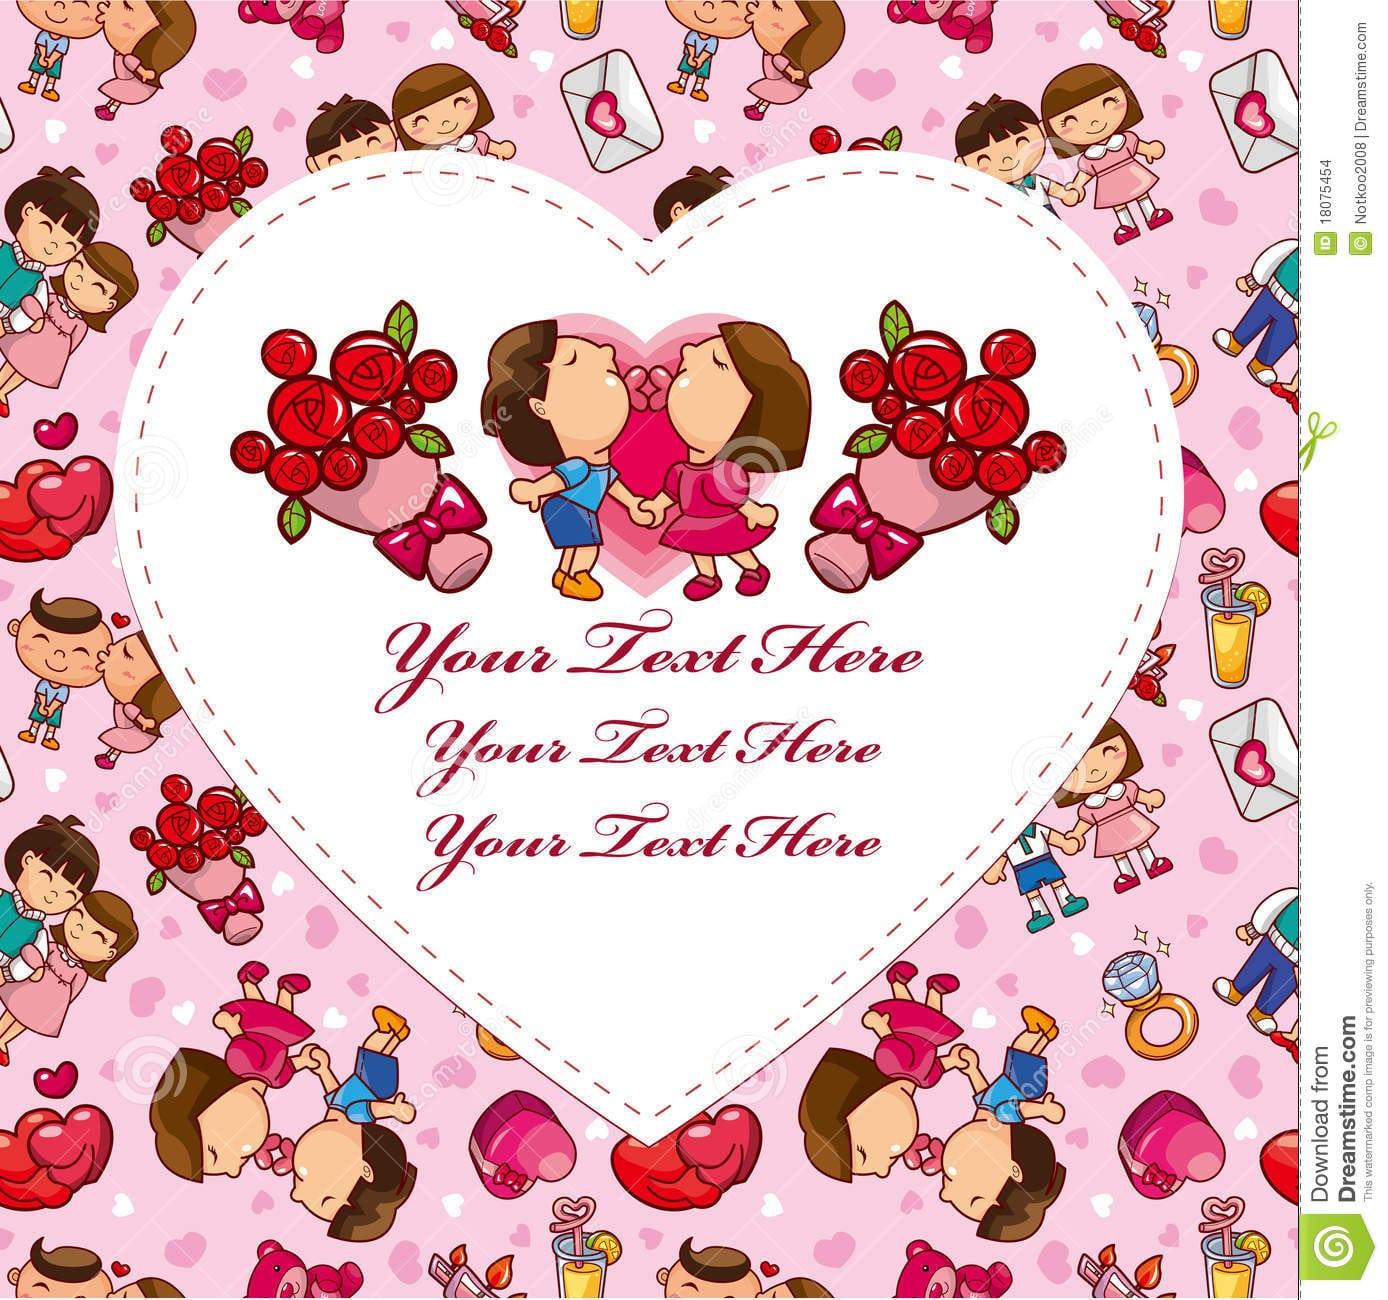 Cartão Do Amor Dos Desenhos Animados Imagens De Stock